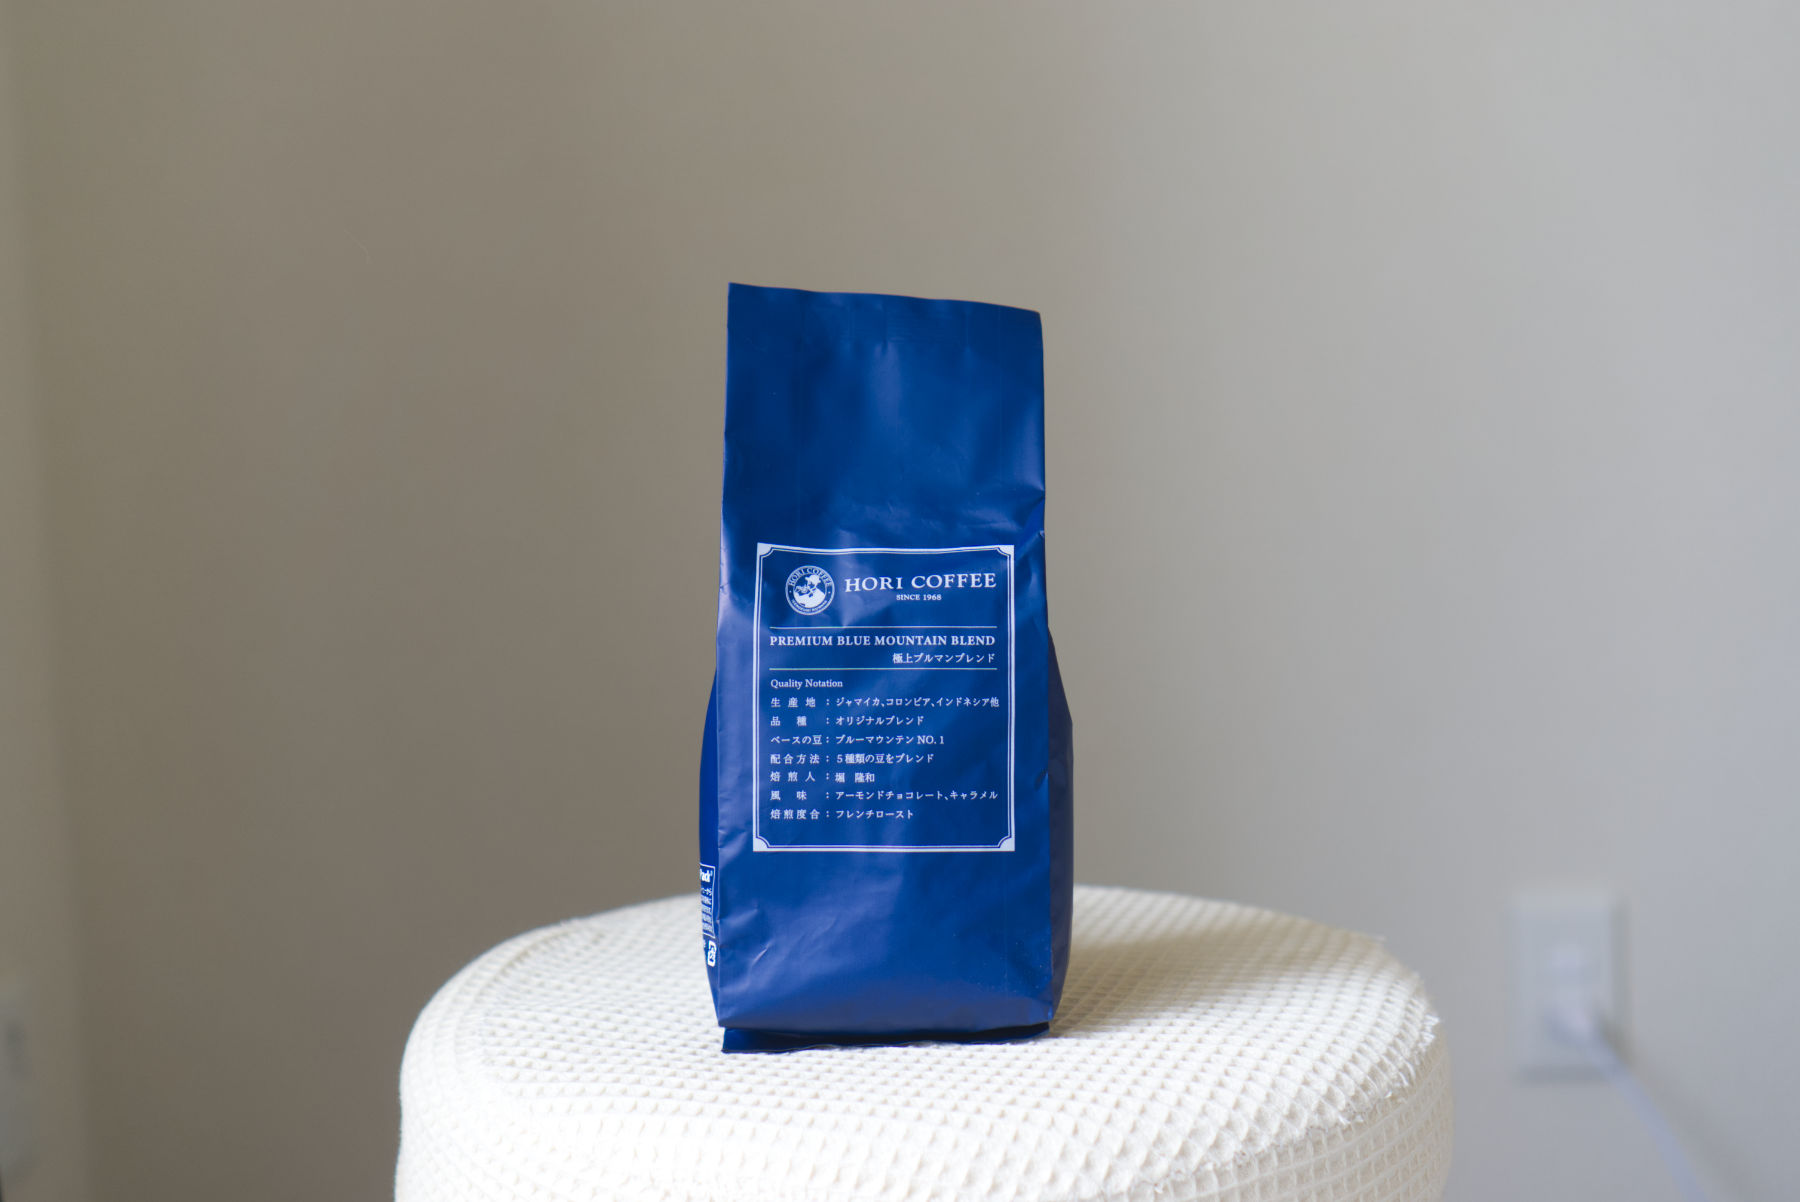 HORI COFFEEブルーマウンテンのパッケージ